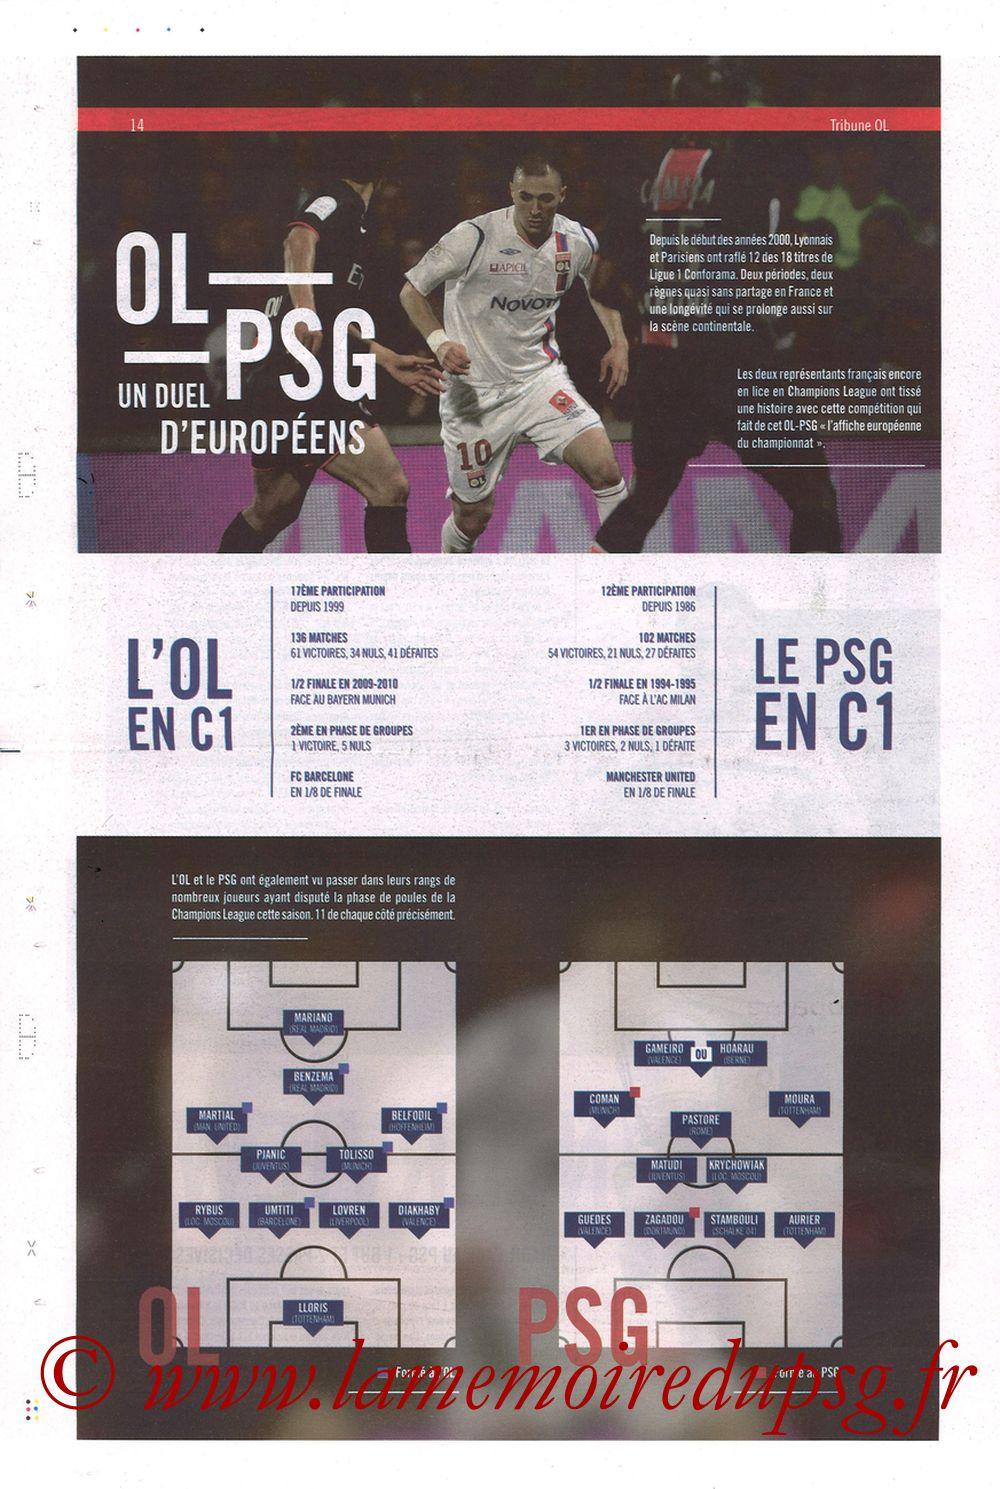 2019-02-03  Lyon-PSG (23ème L1, La Tribune OL N°270) - Page 14